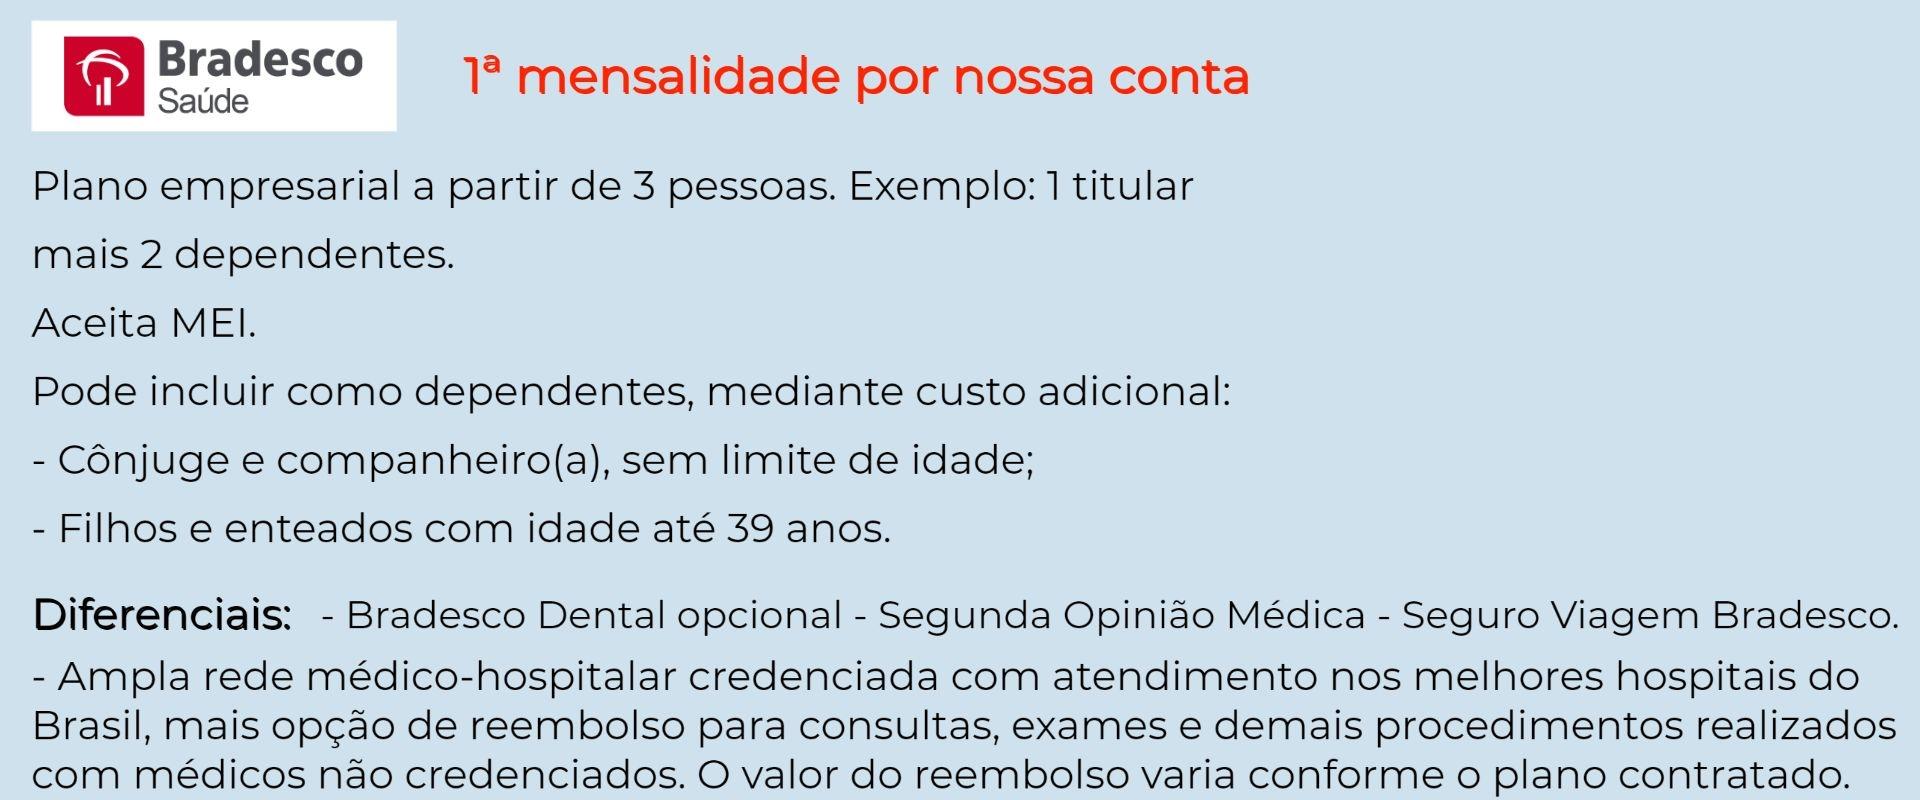 Bradesco Saúde Empresarial - Arujá